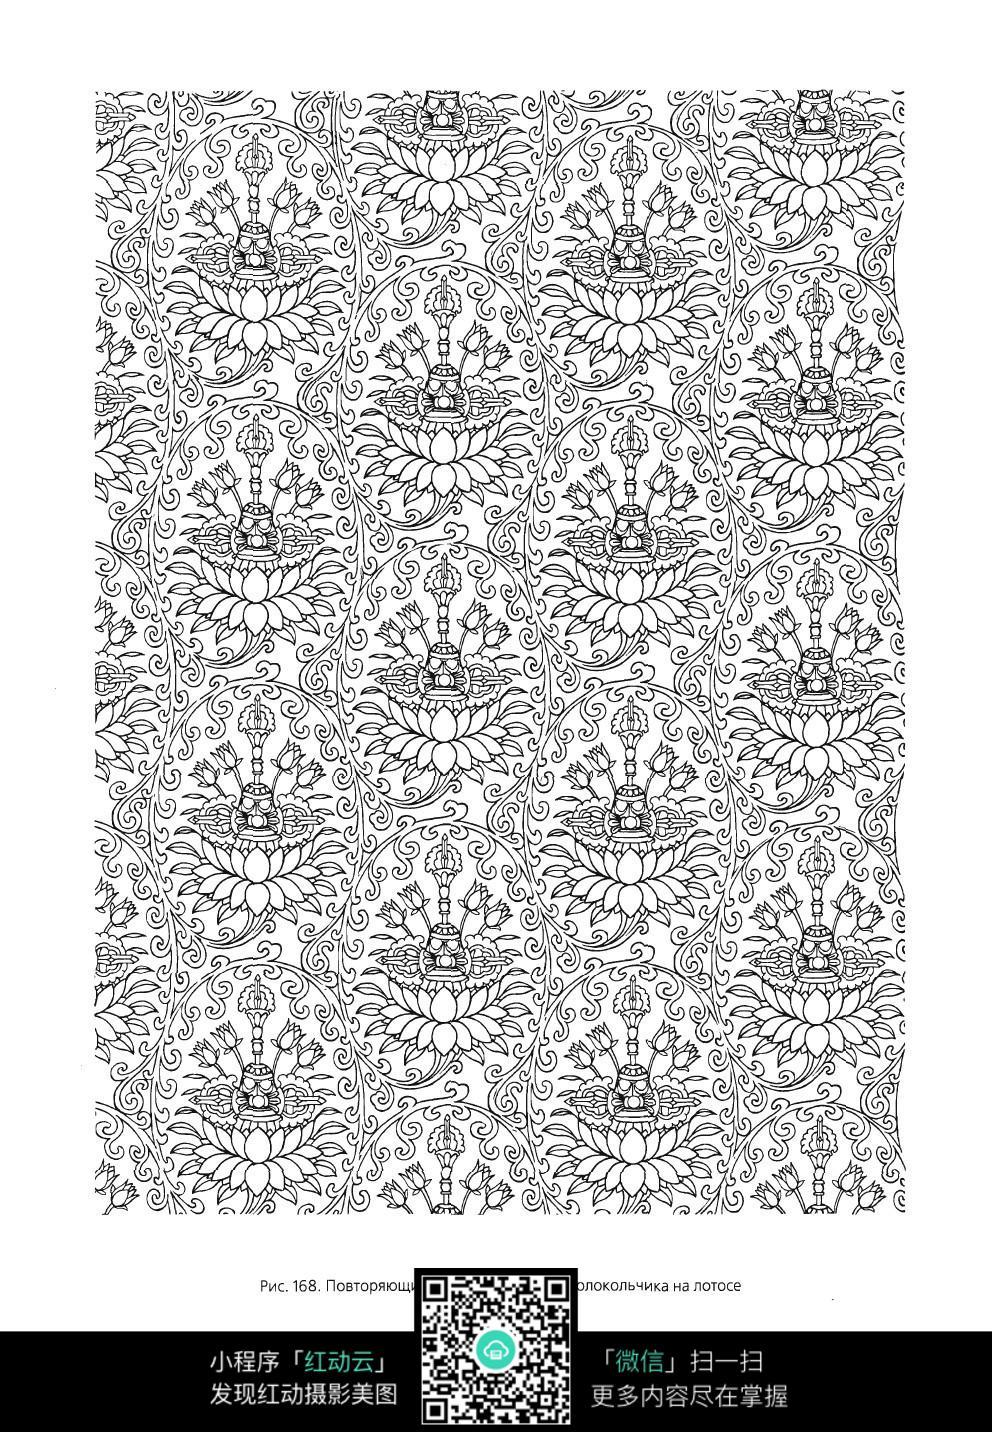 连续荷花纹手绘线描图形